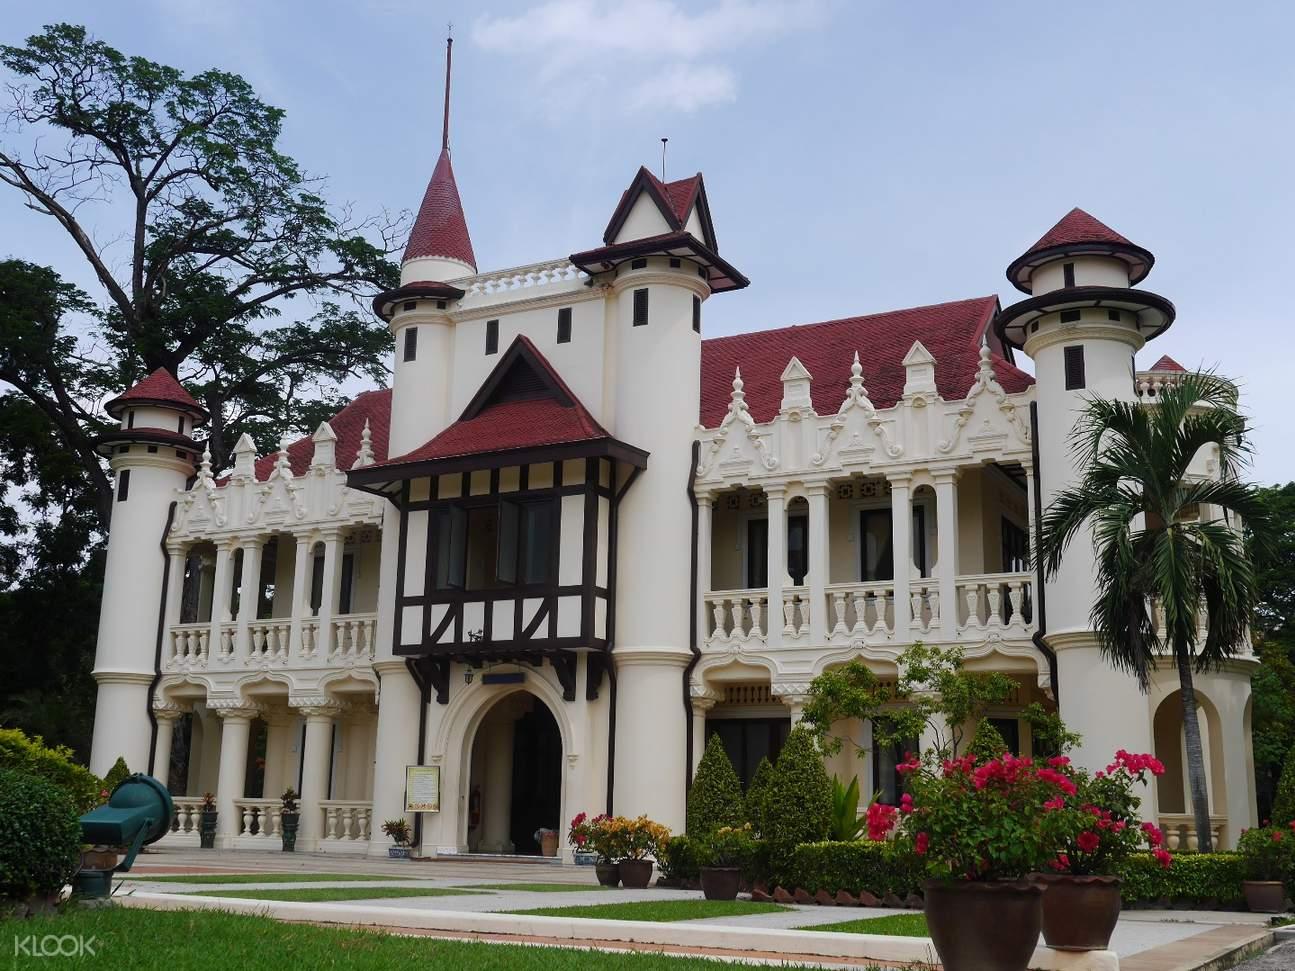 拉瑪六世夏日行宮泰國藝術大學